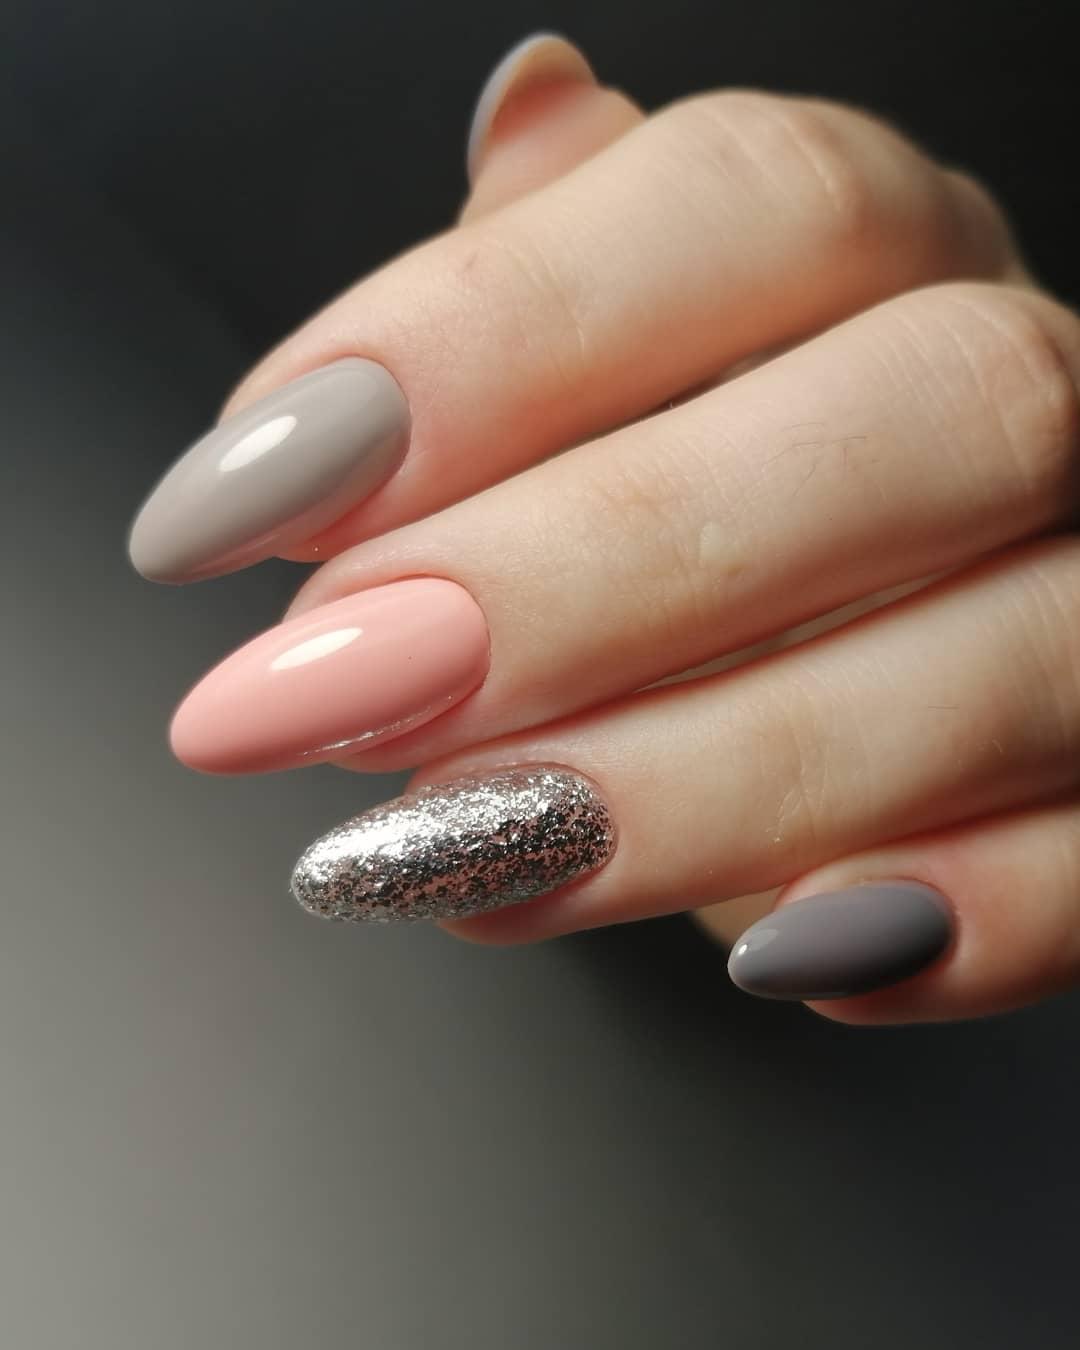 Маникюр с серебряными блестками в пастельных тонах.